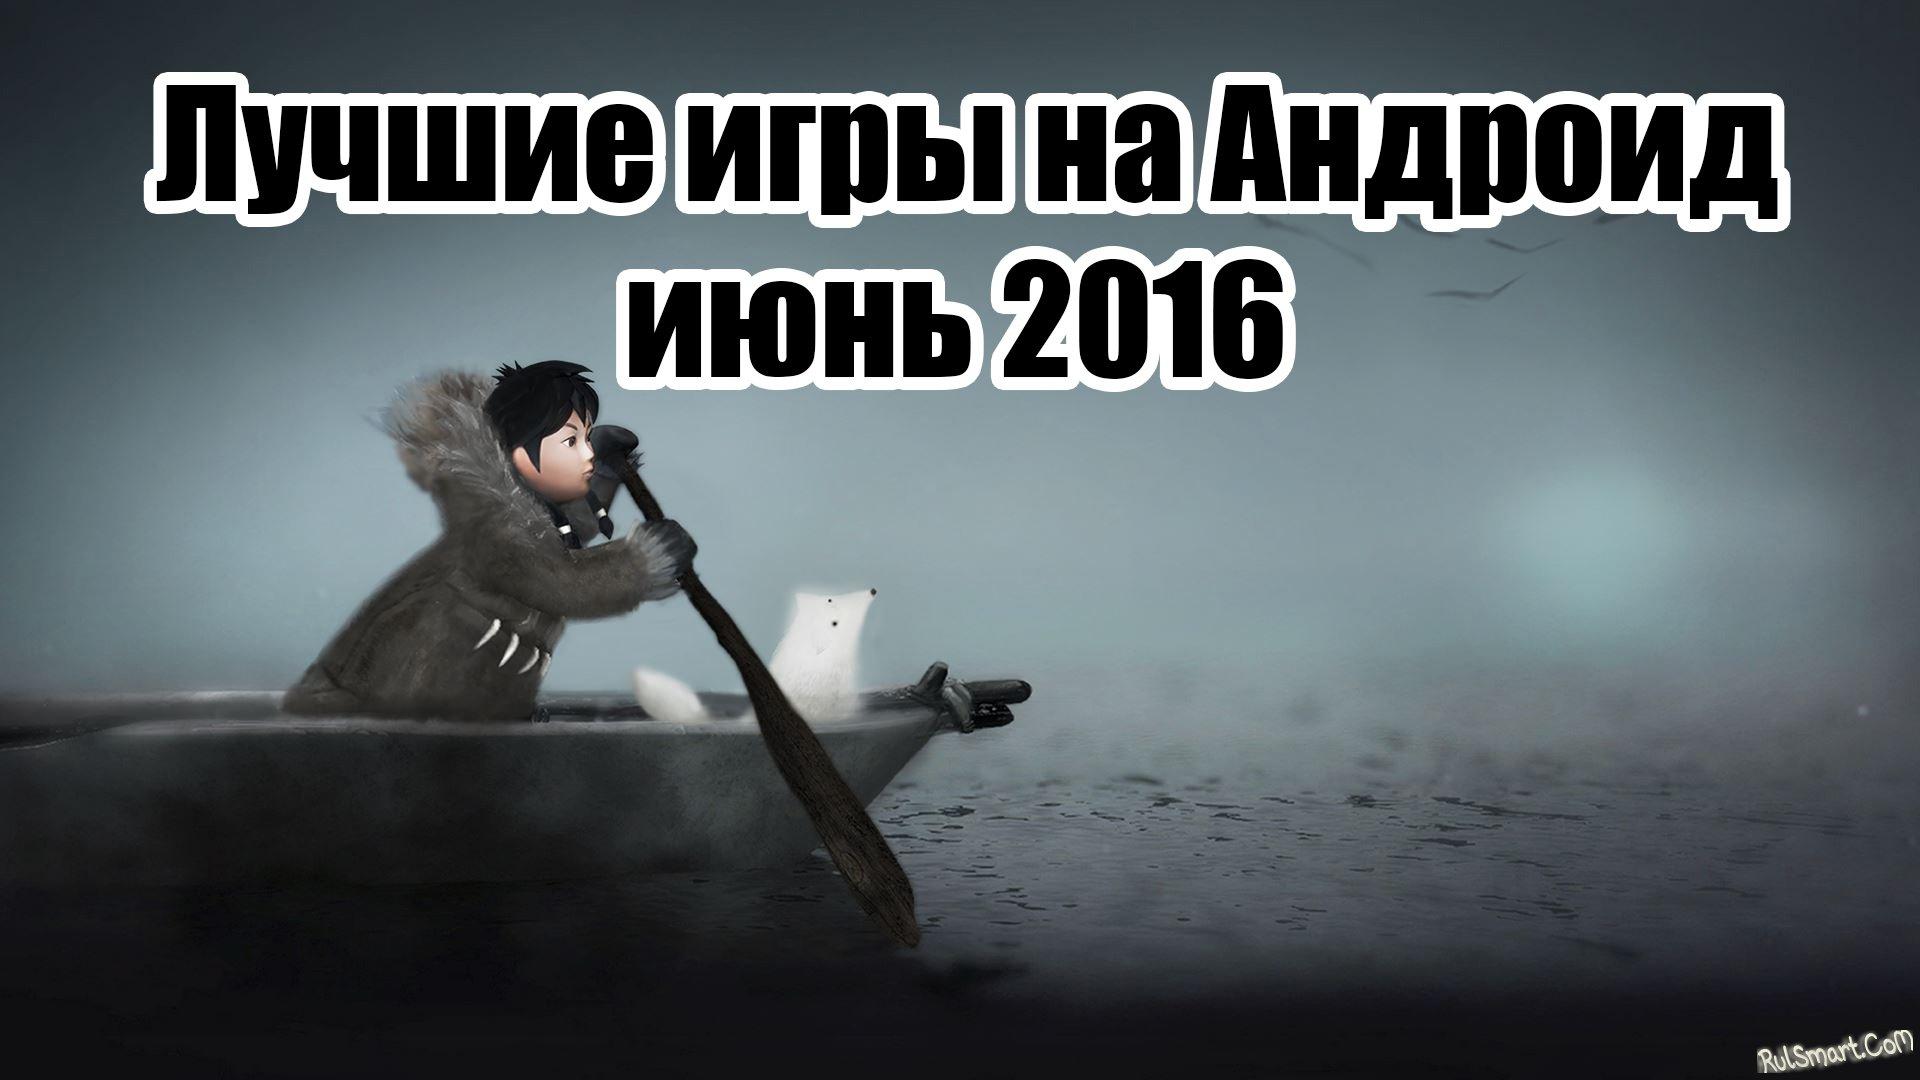 скачать программы на андроид 2016